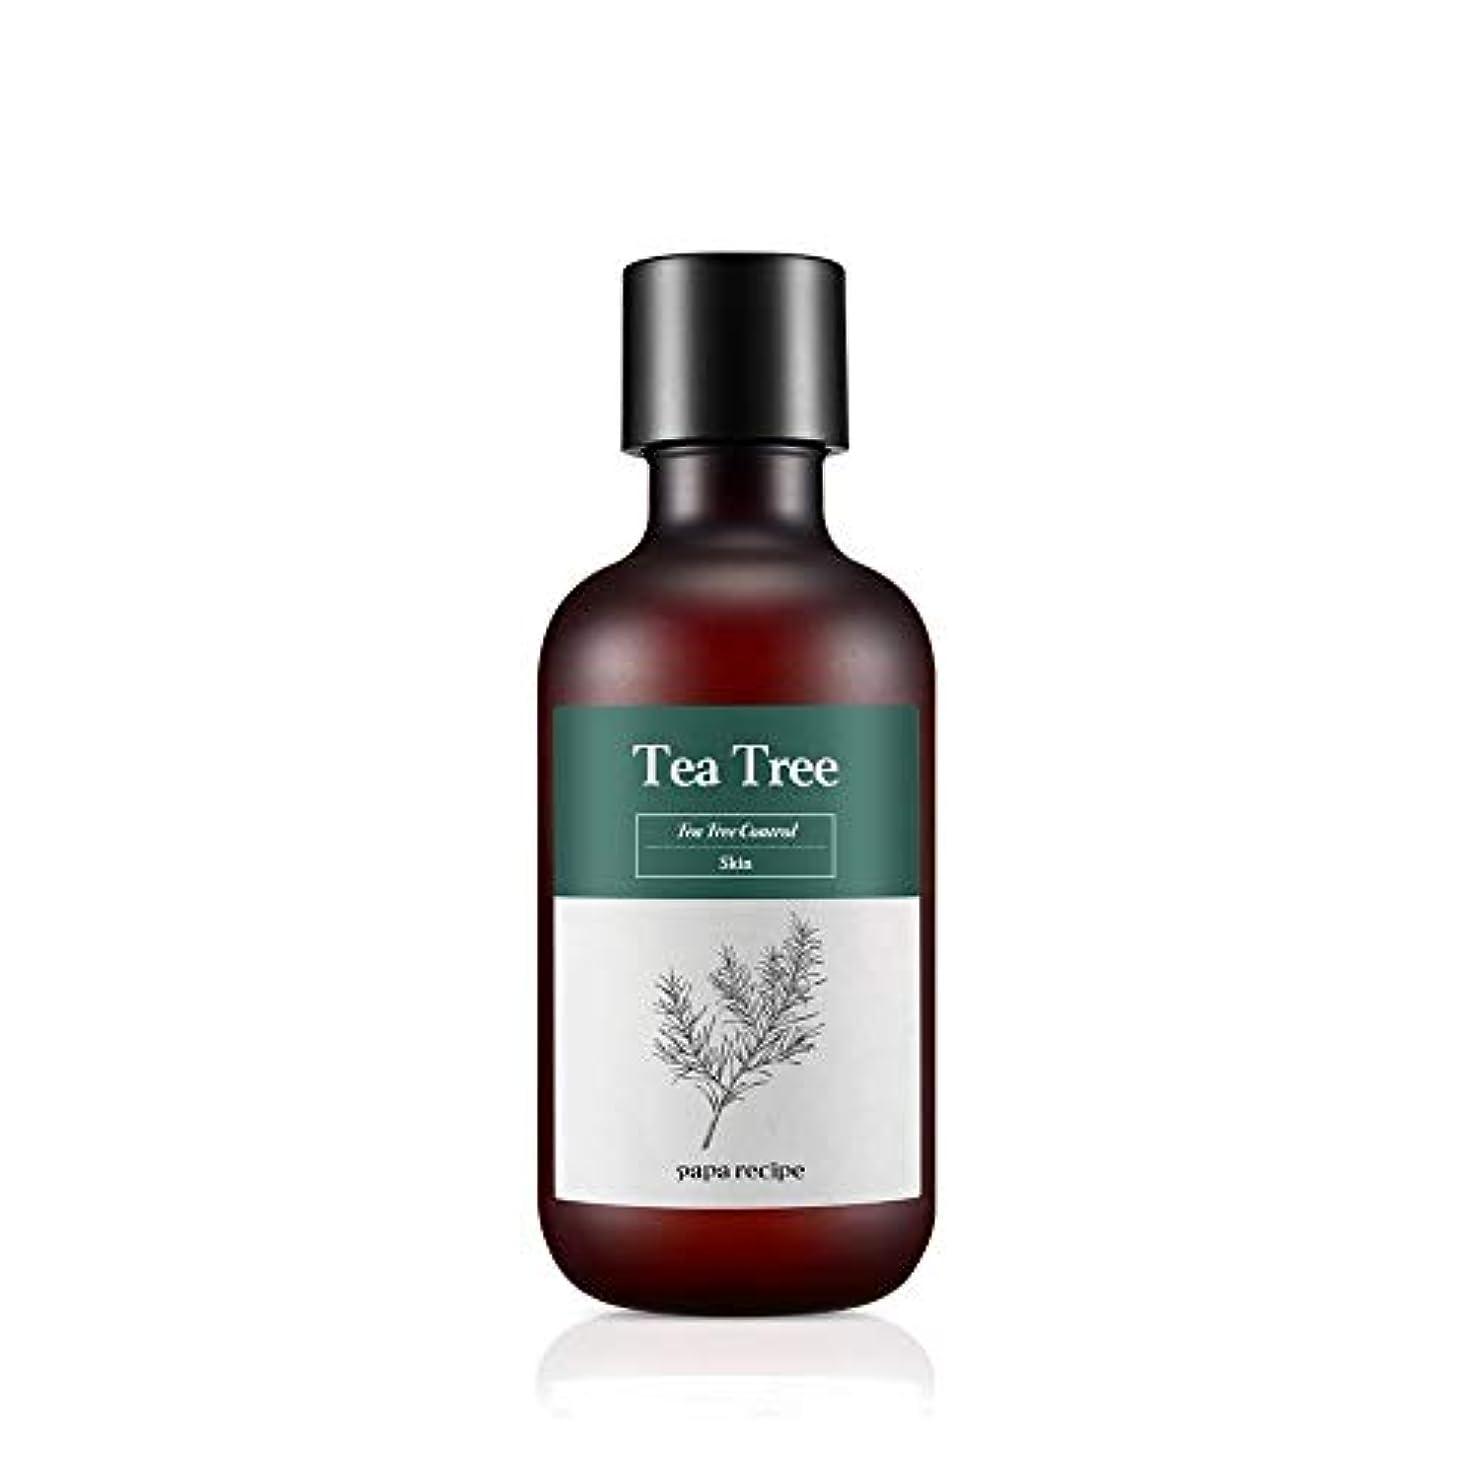 協力するうぬぼれハーフPapa Recipe Tea Tree Control Skin, 200 ml